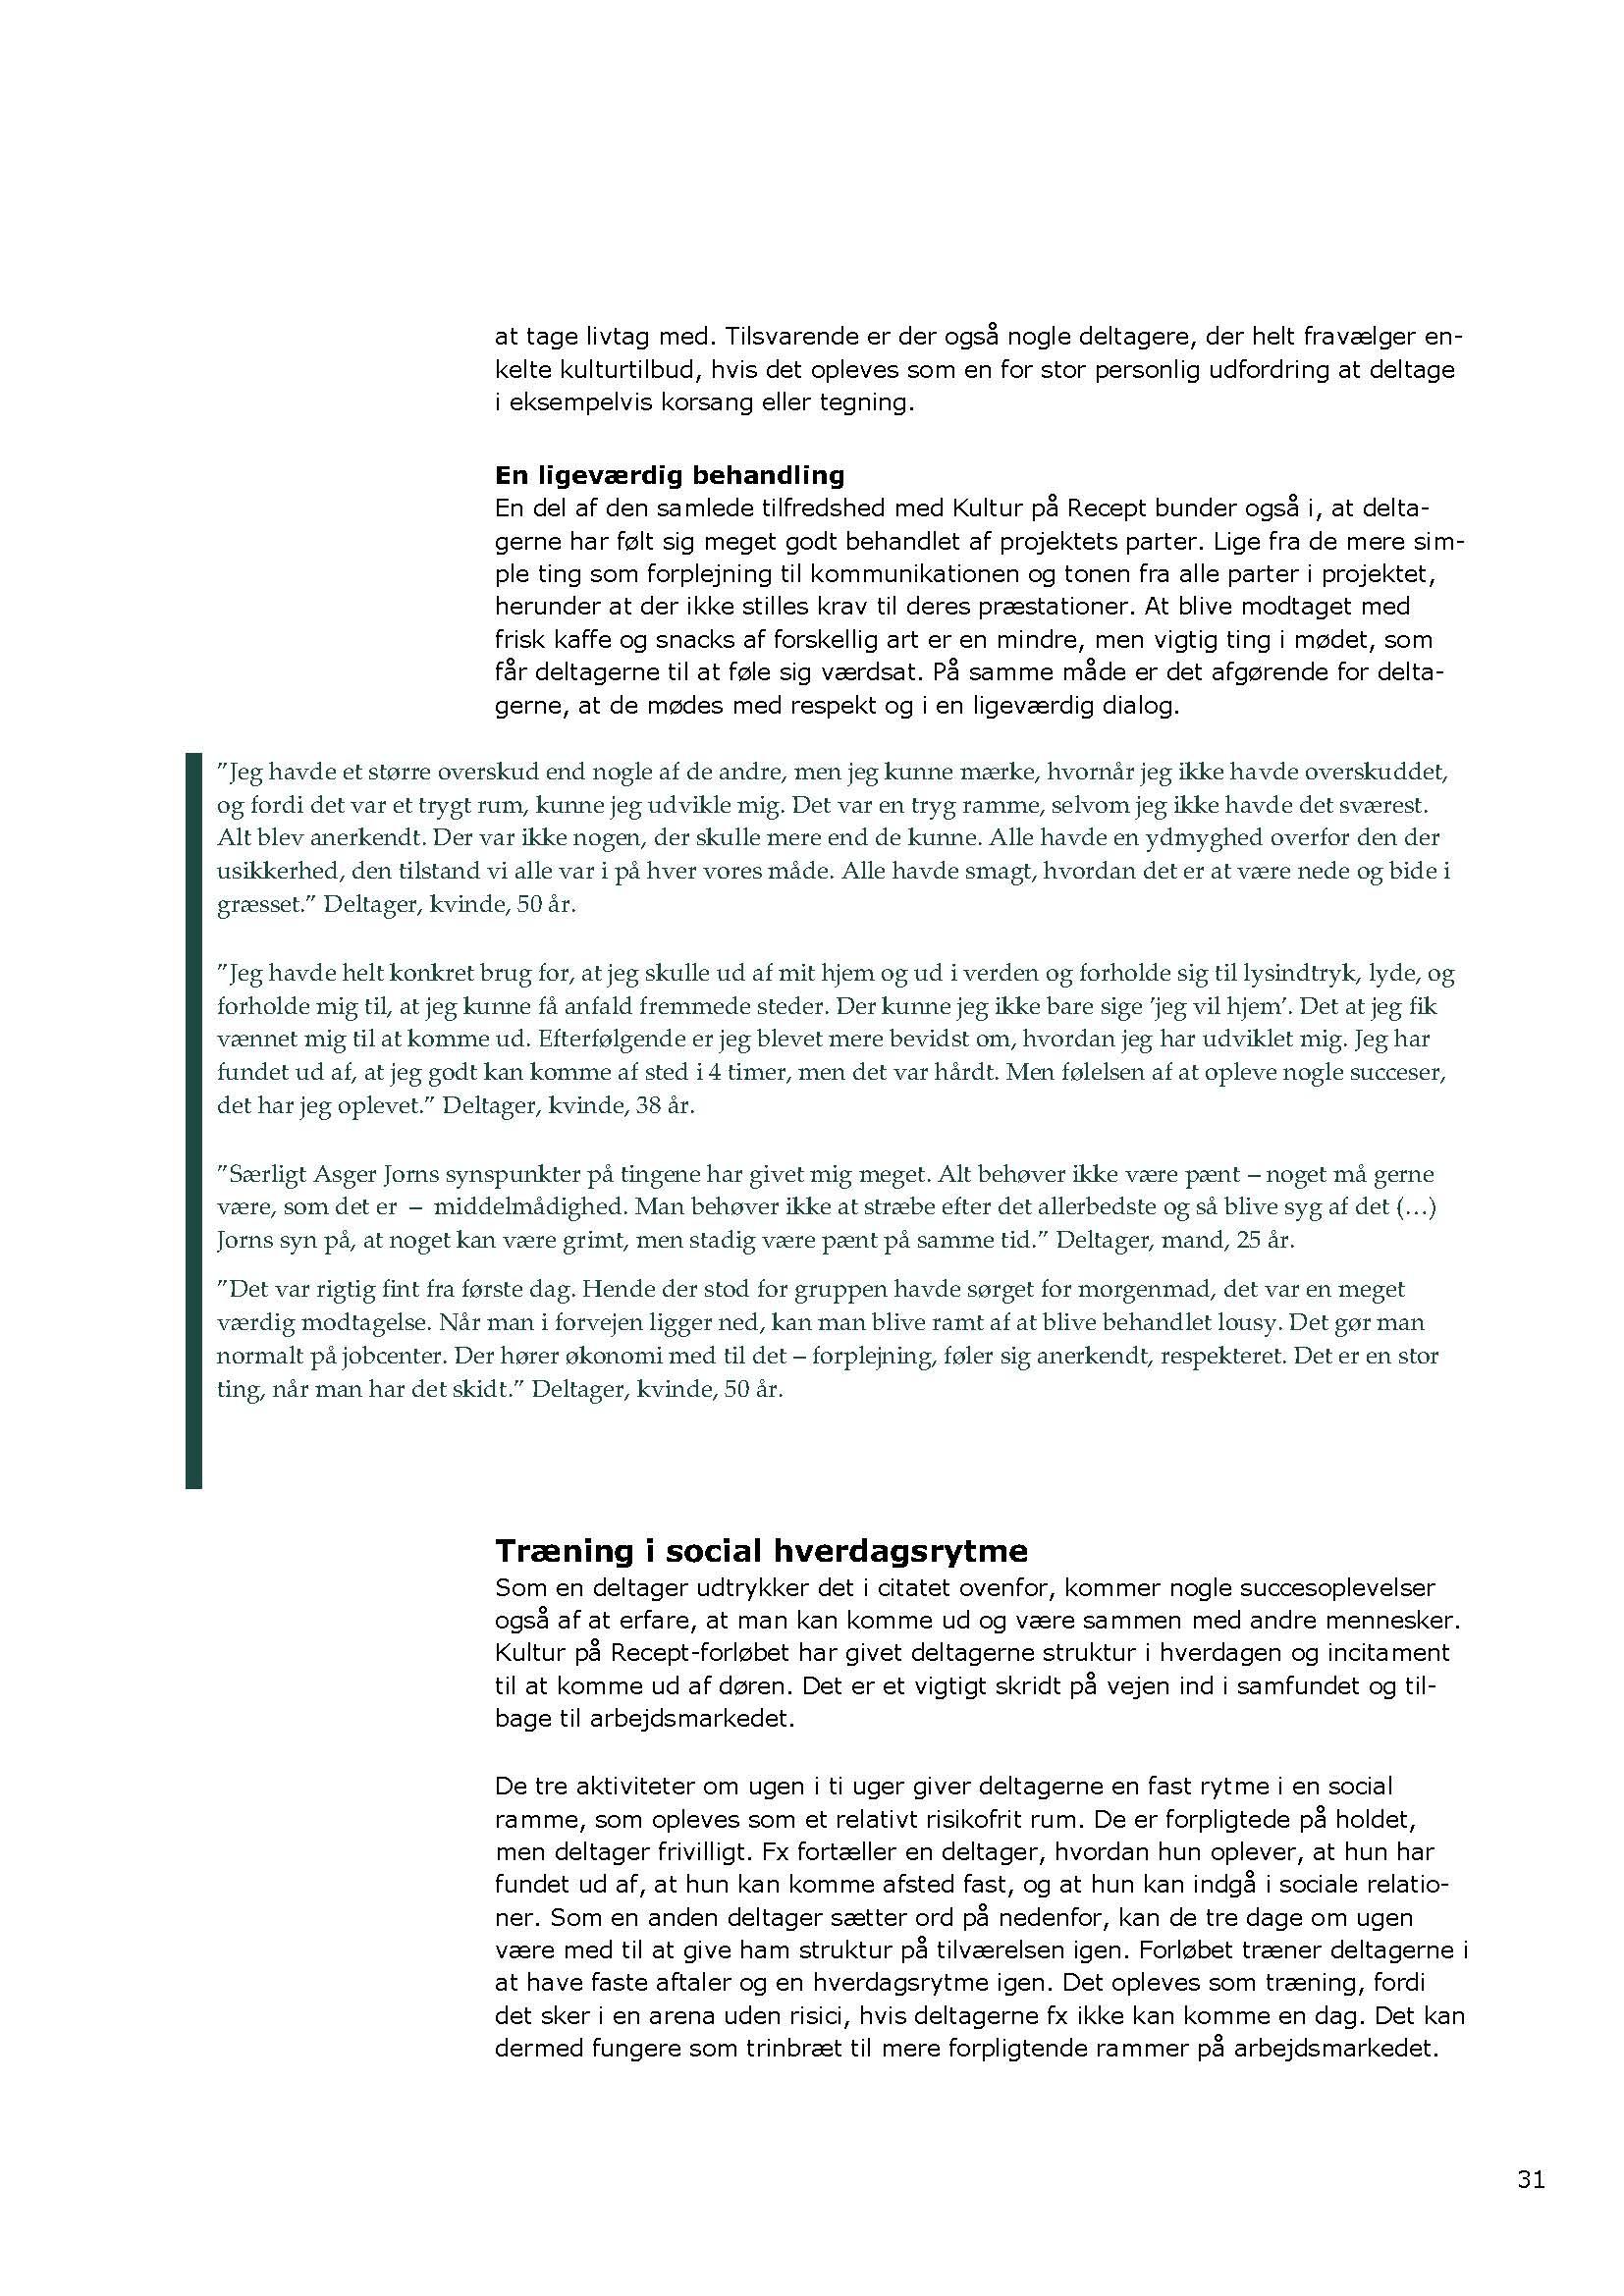 Kultur-paa-recept_tvaergaaende-evaluering_foraar-2020_Page_31